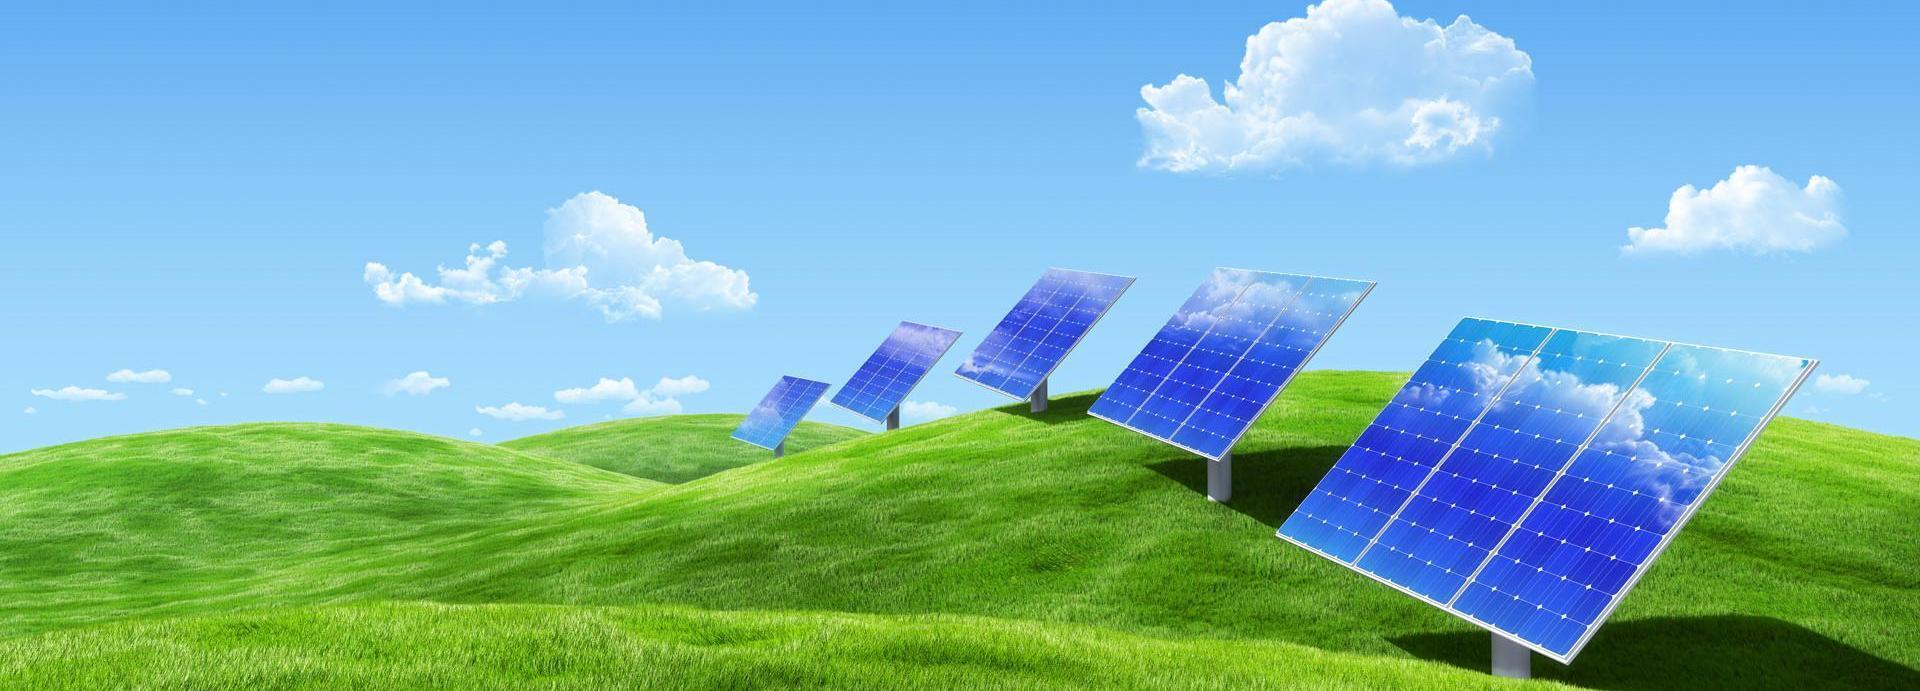 Фото солнечных батарей